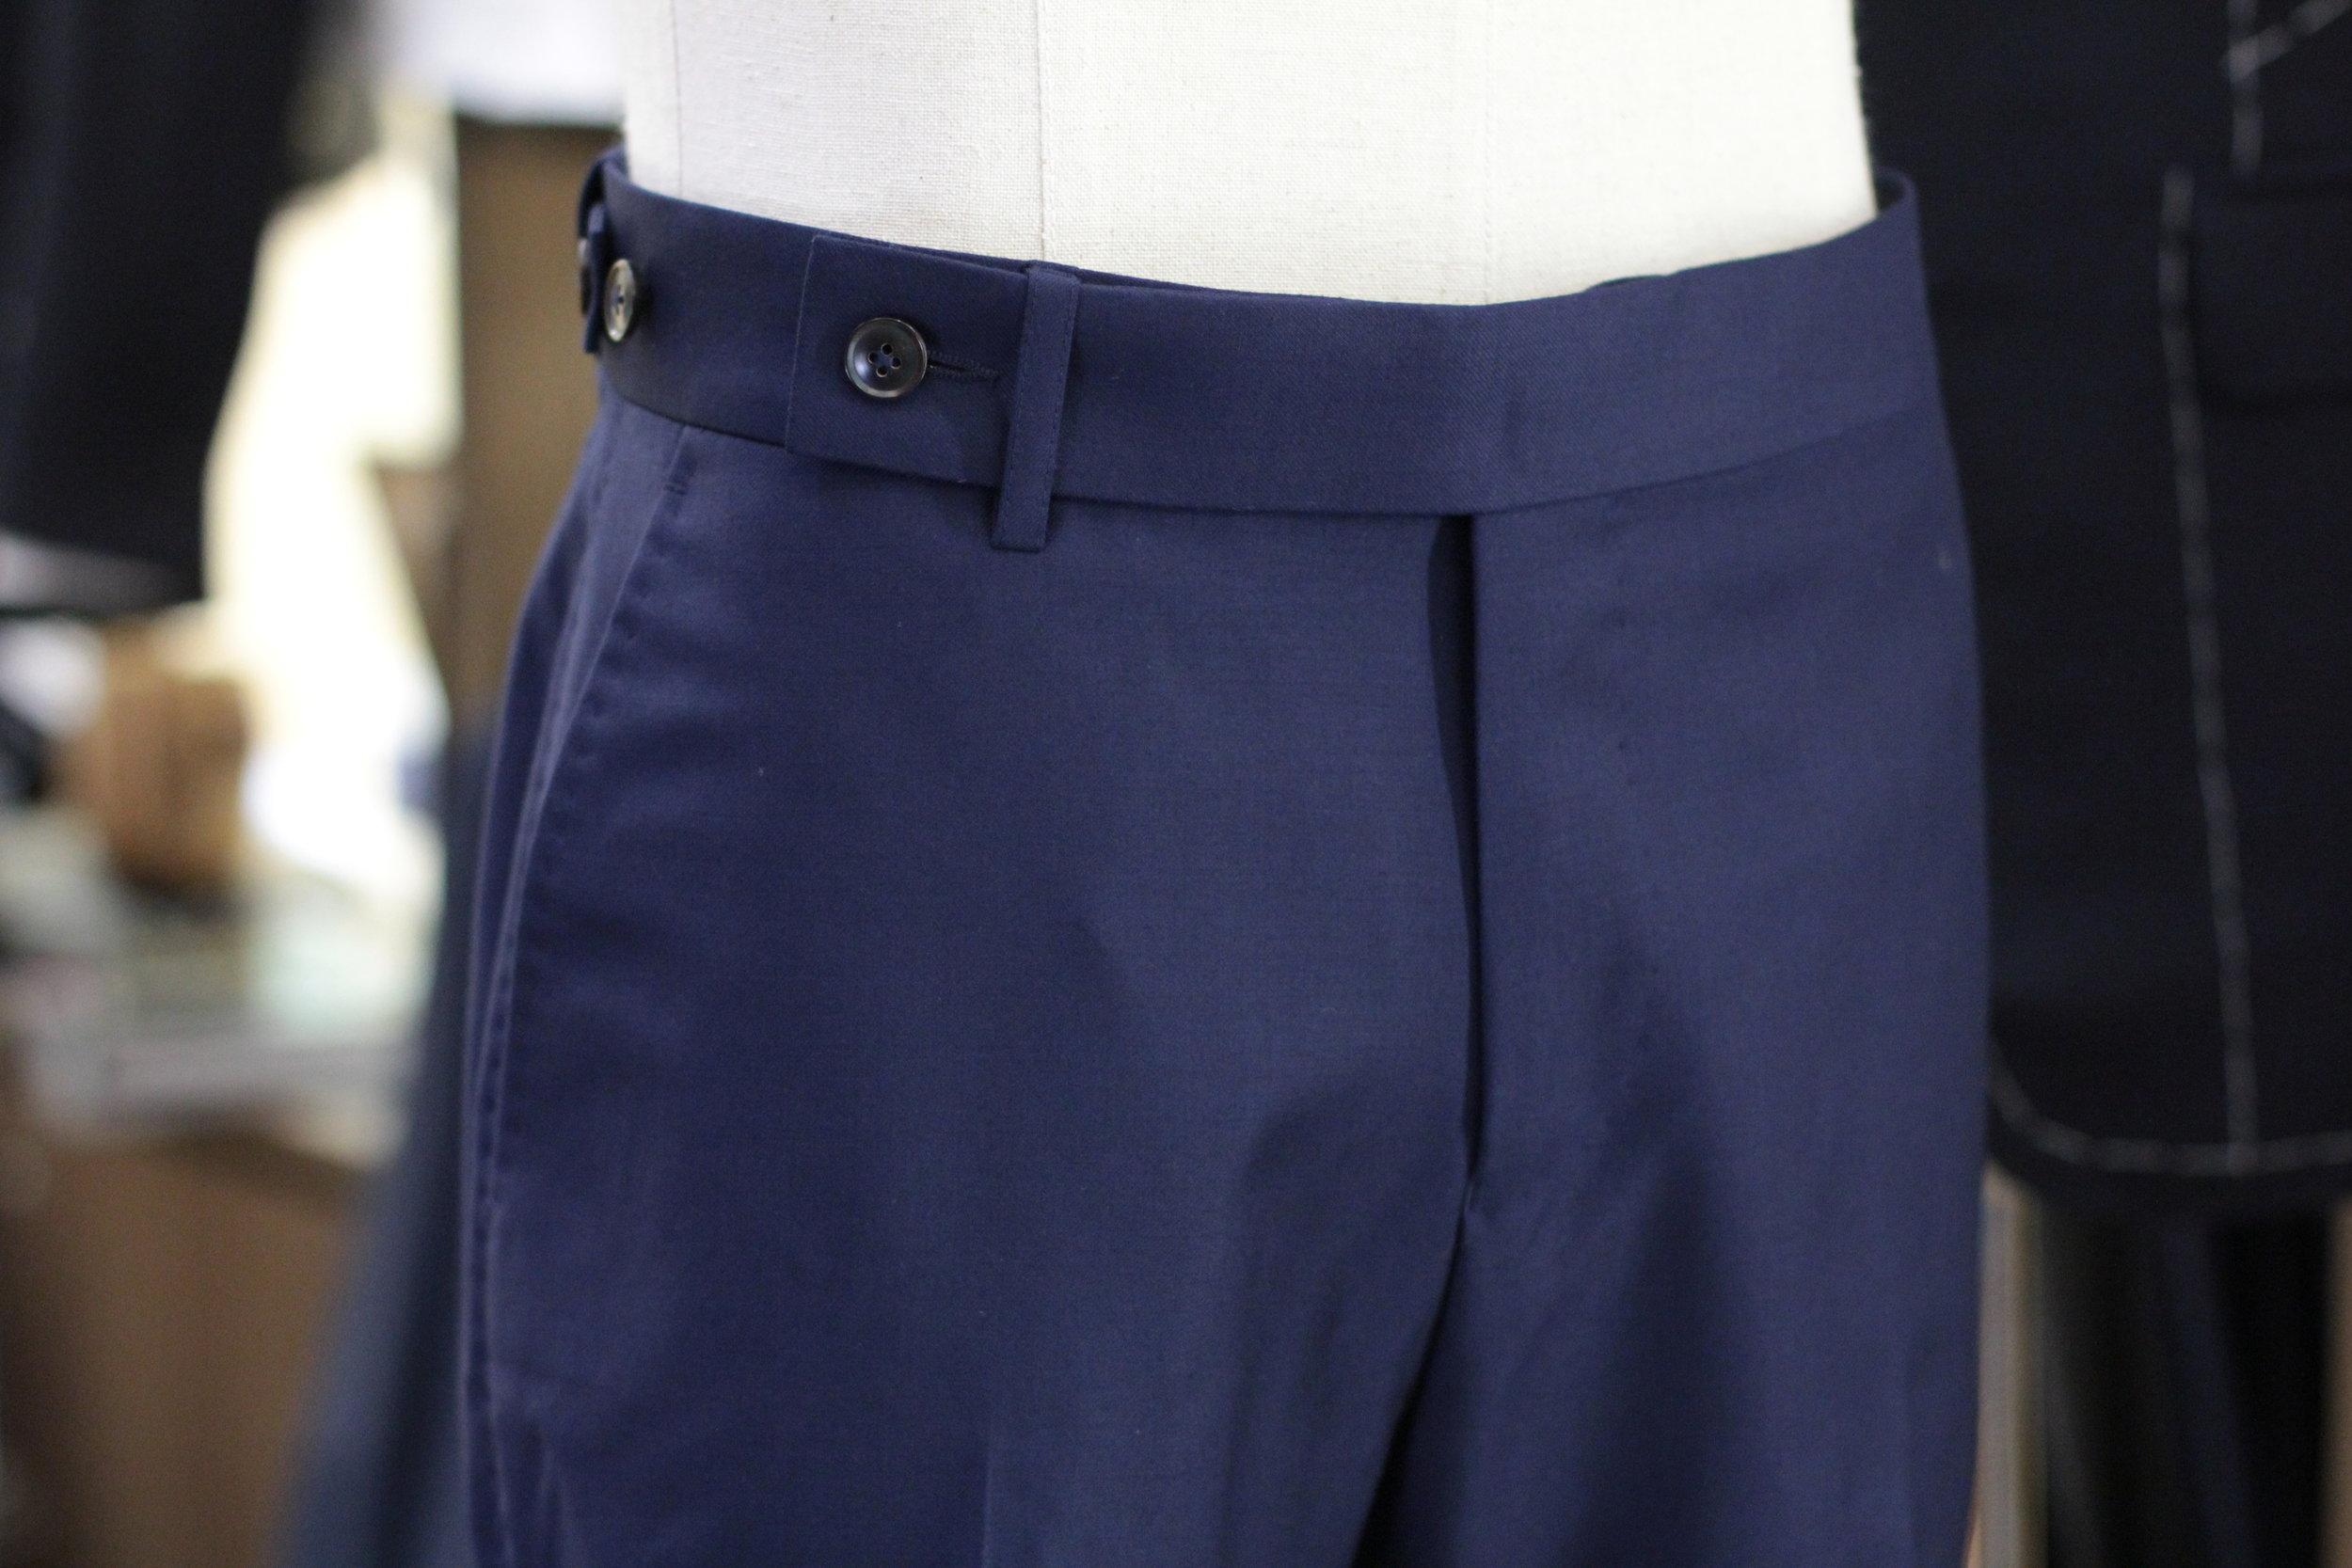 Super 110s Vitale Barbaris Canonico Trousers view.JPG